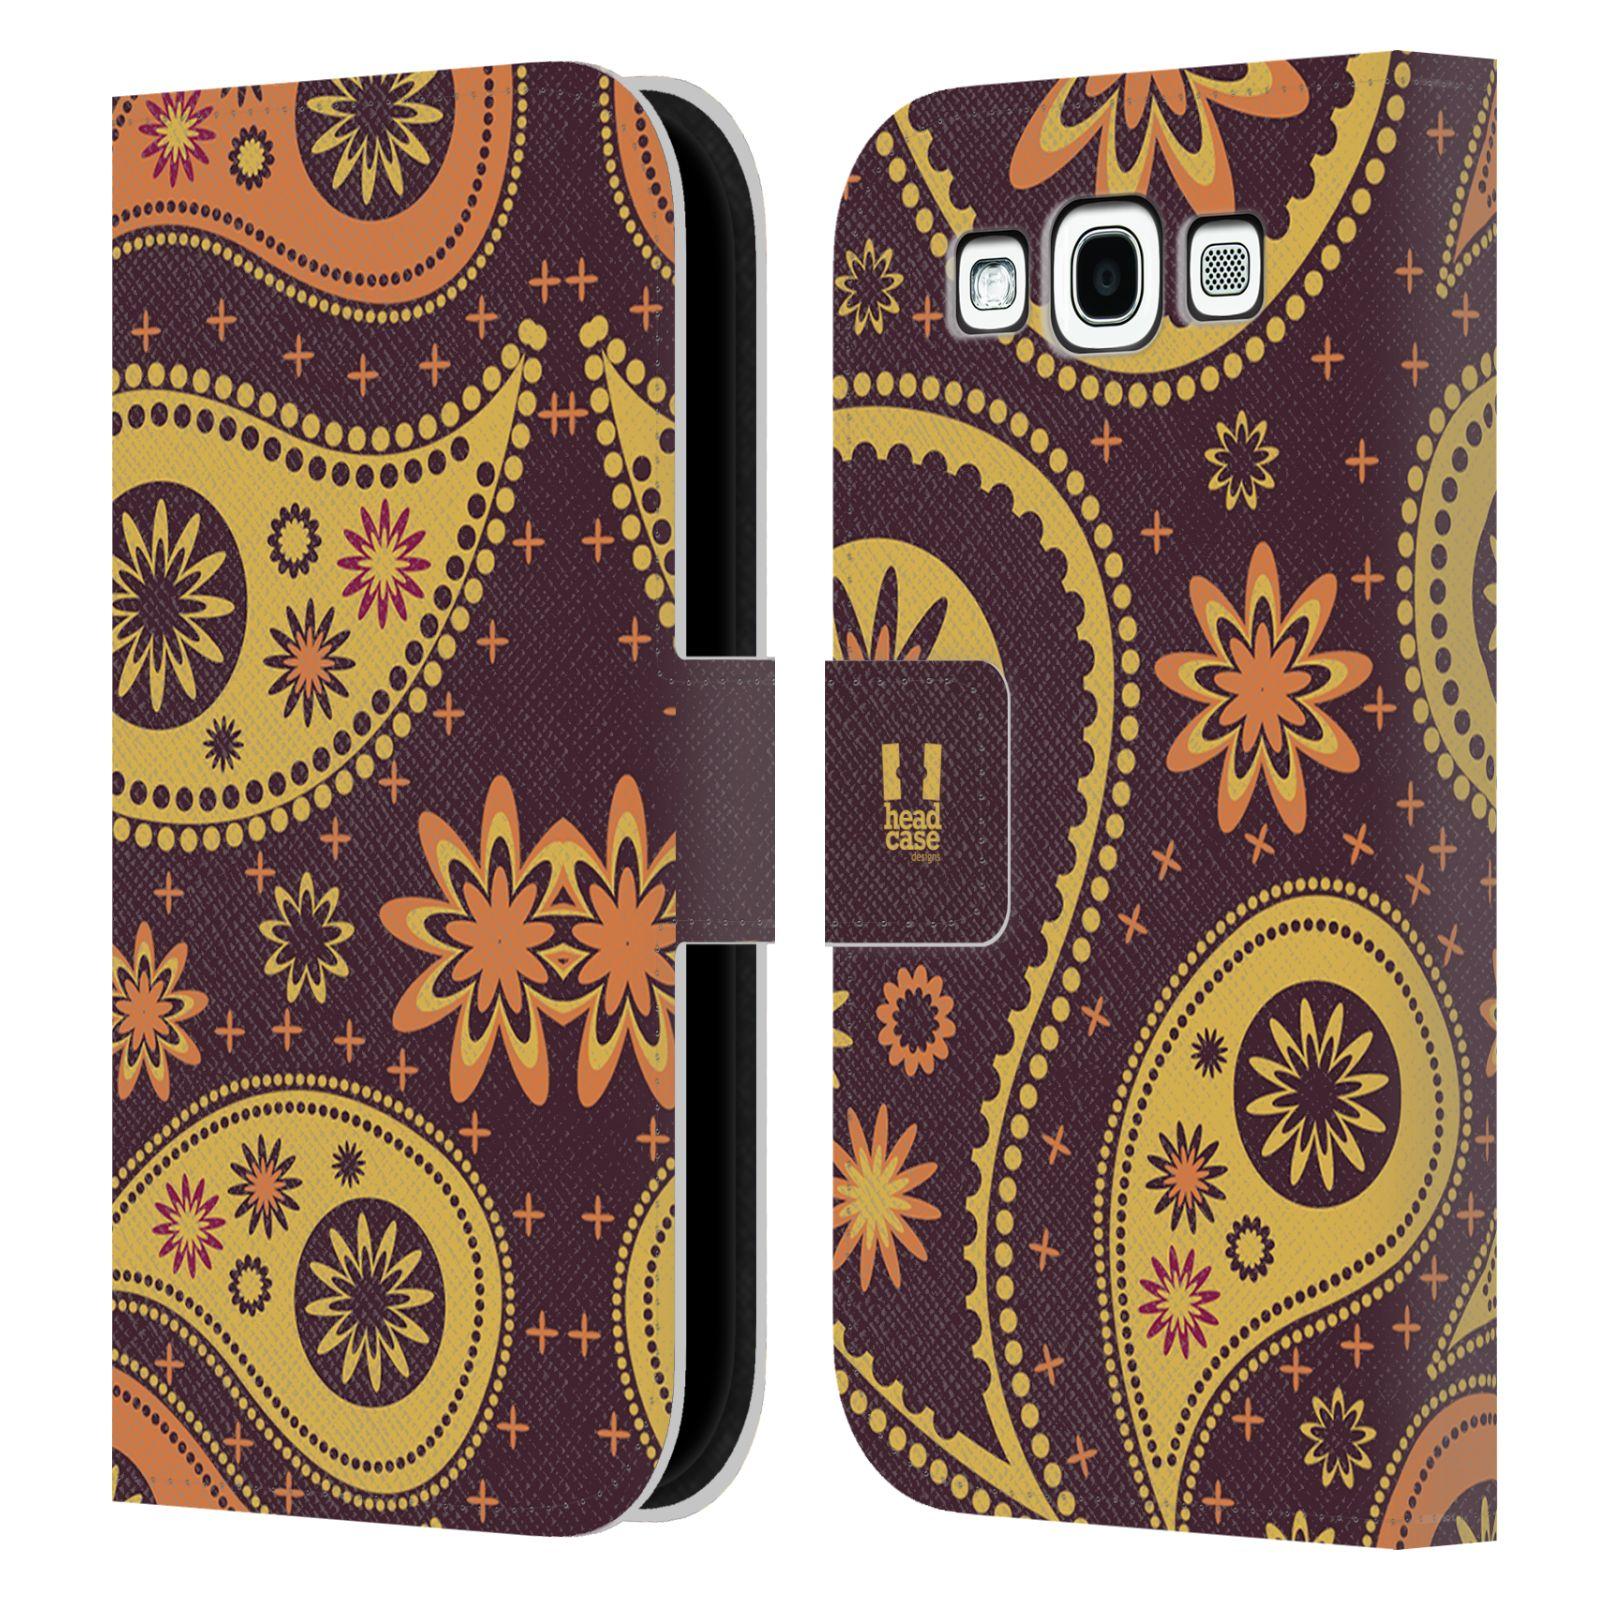 HEAD CASE Flipové pouzdro pro mobil Samsung Galaxy S3 barevné slzy švestková